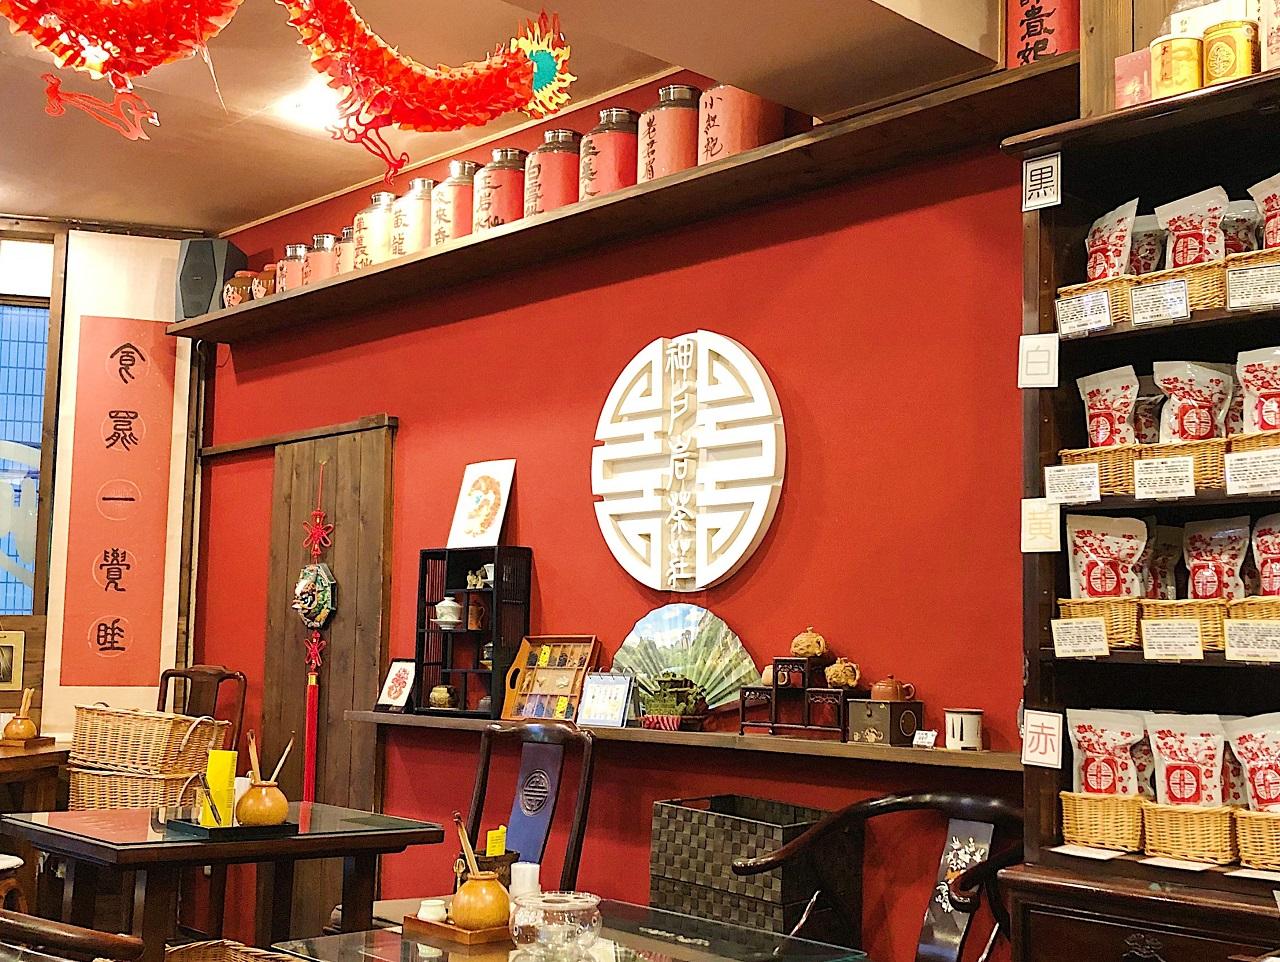 神戸岩茶荘 店内